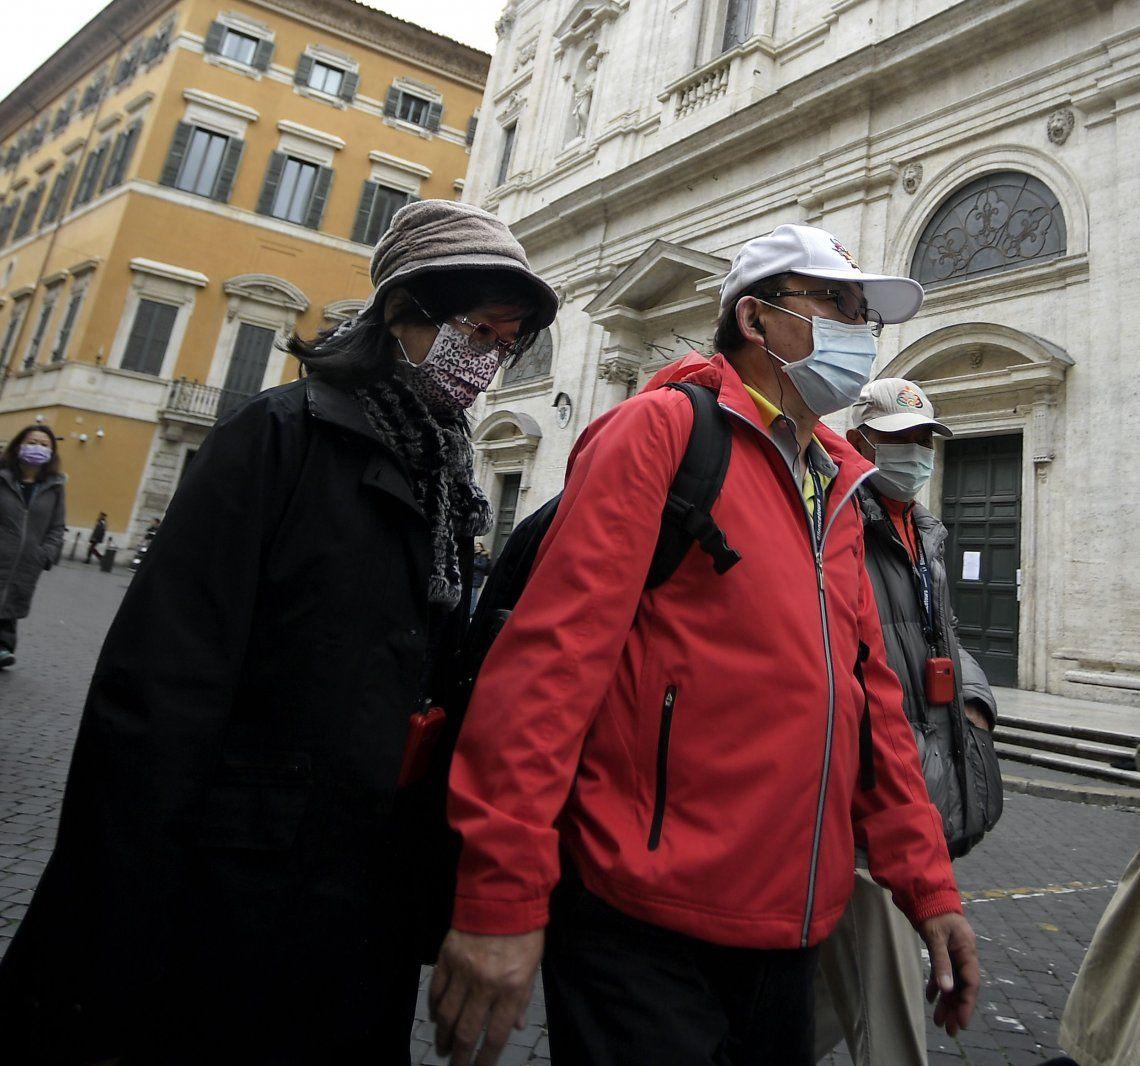 Italia aumenta medidas de prevención y ayuda por el coronavirus: 1128 enfermos y 30 muertos